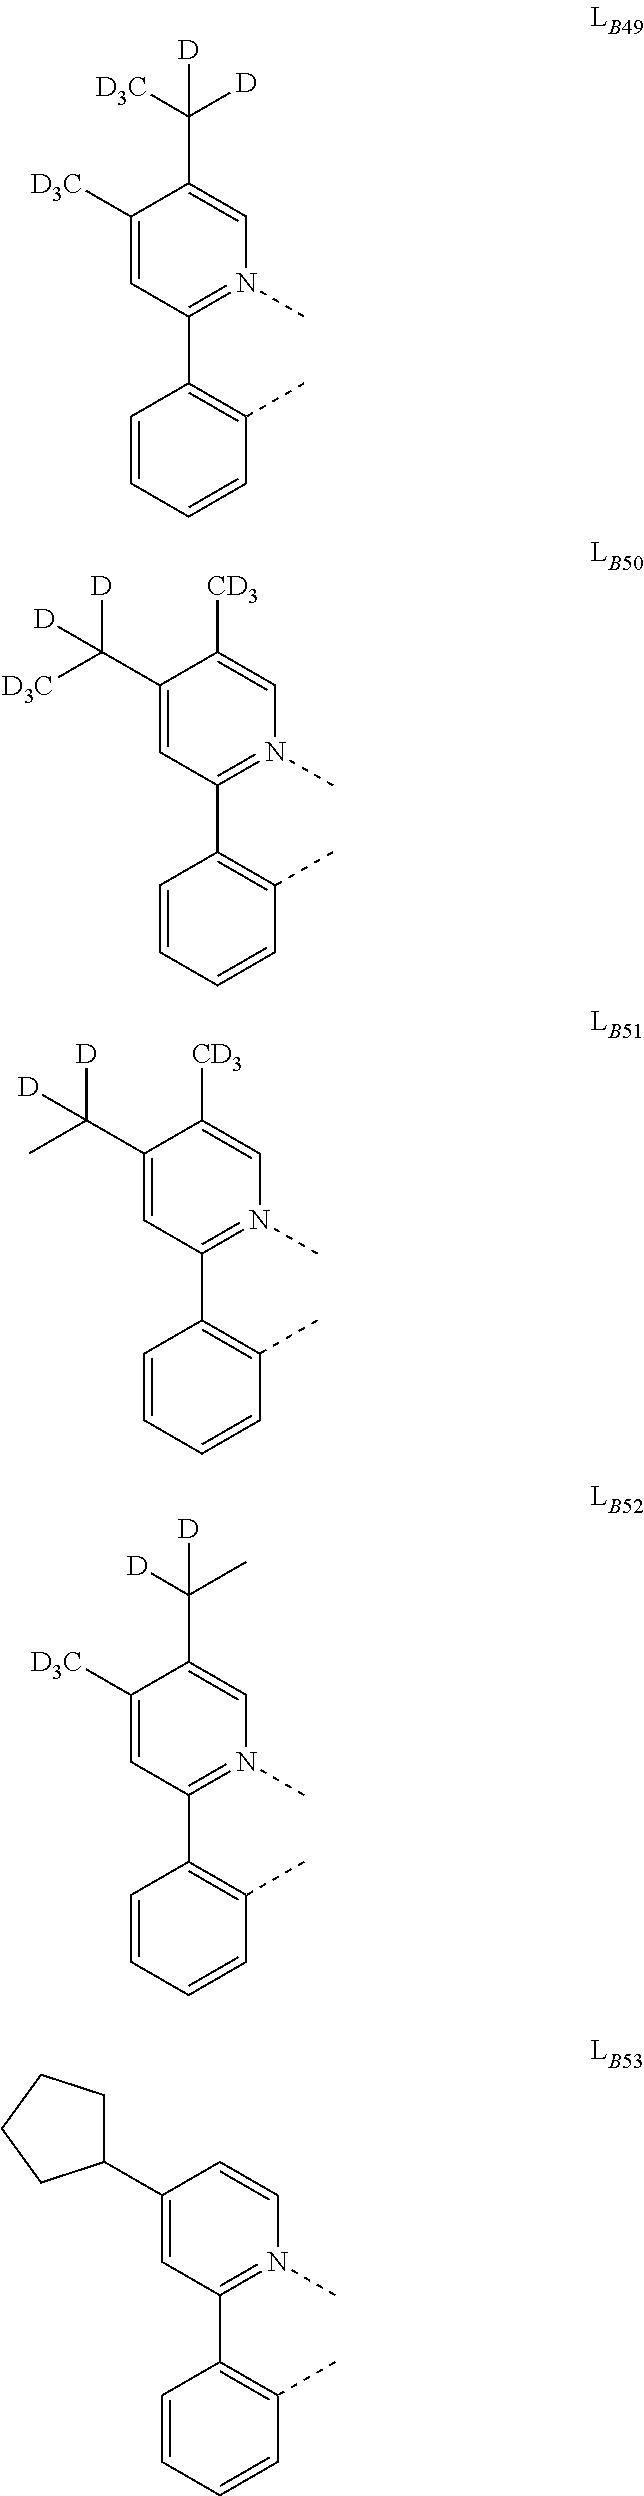 Figure US20180130962A1-20180510-C00075